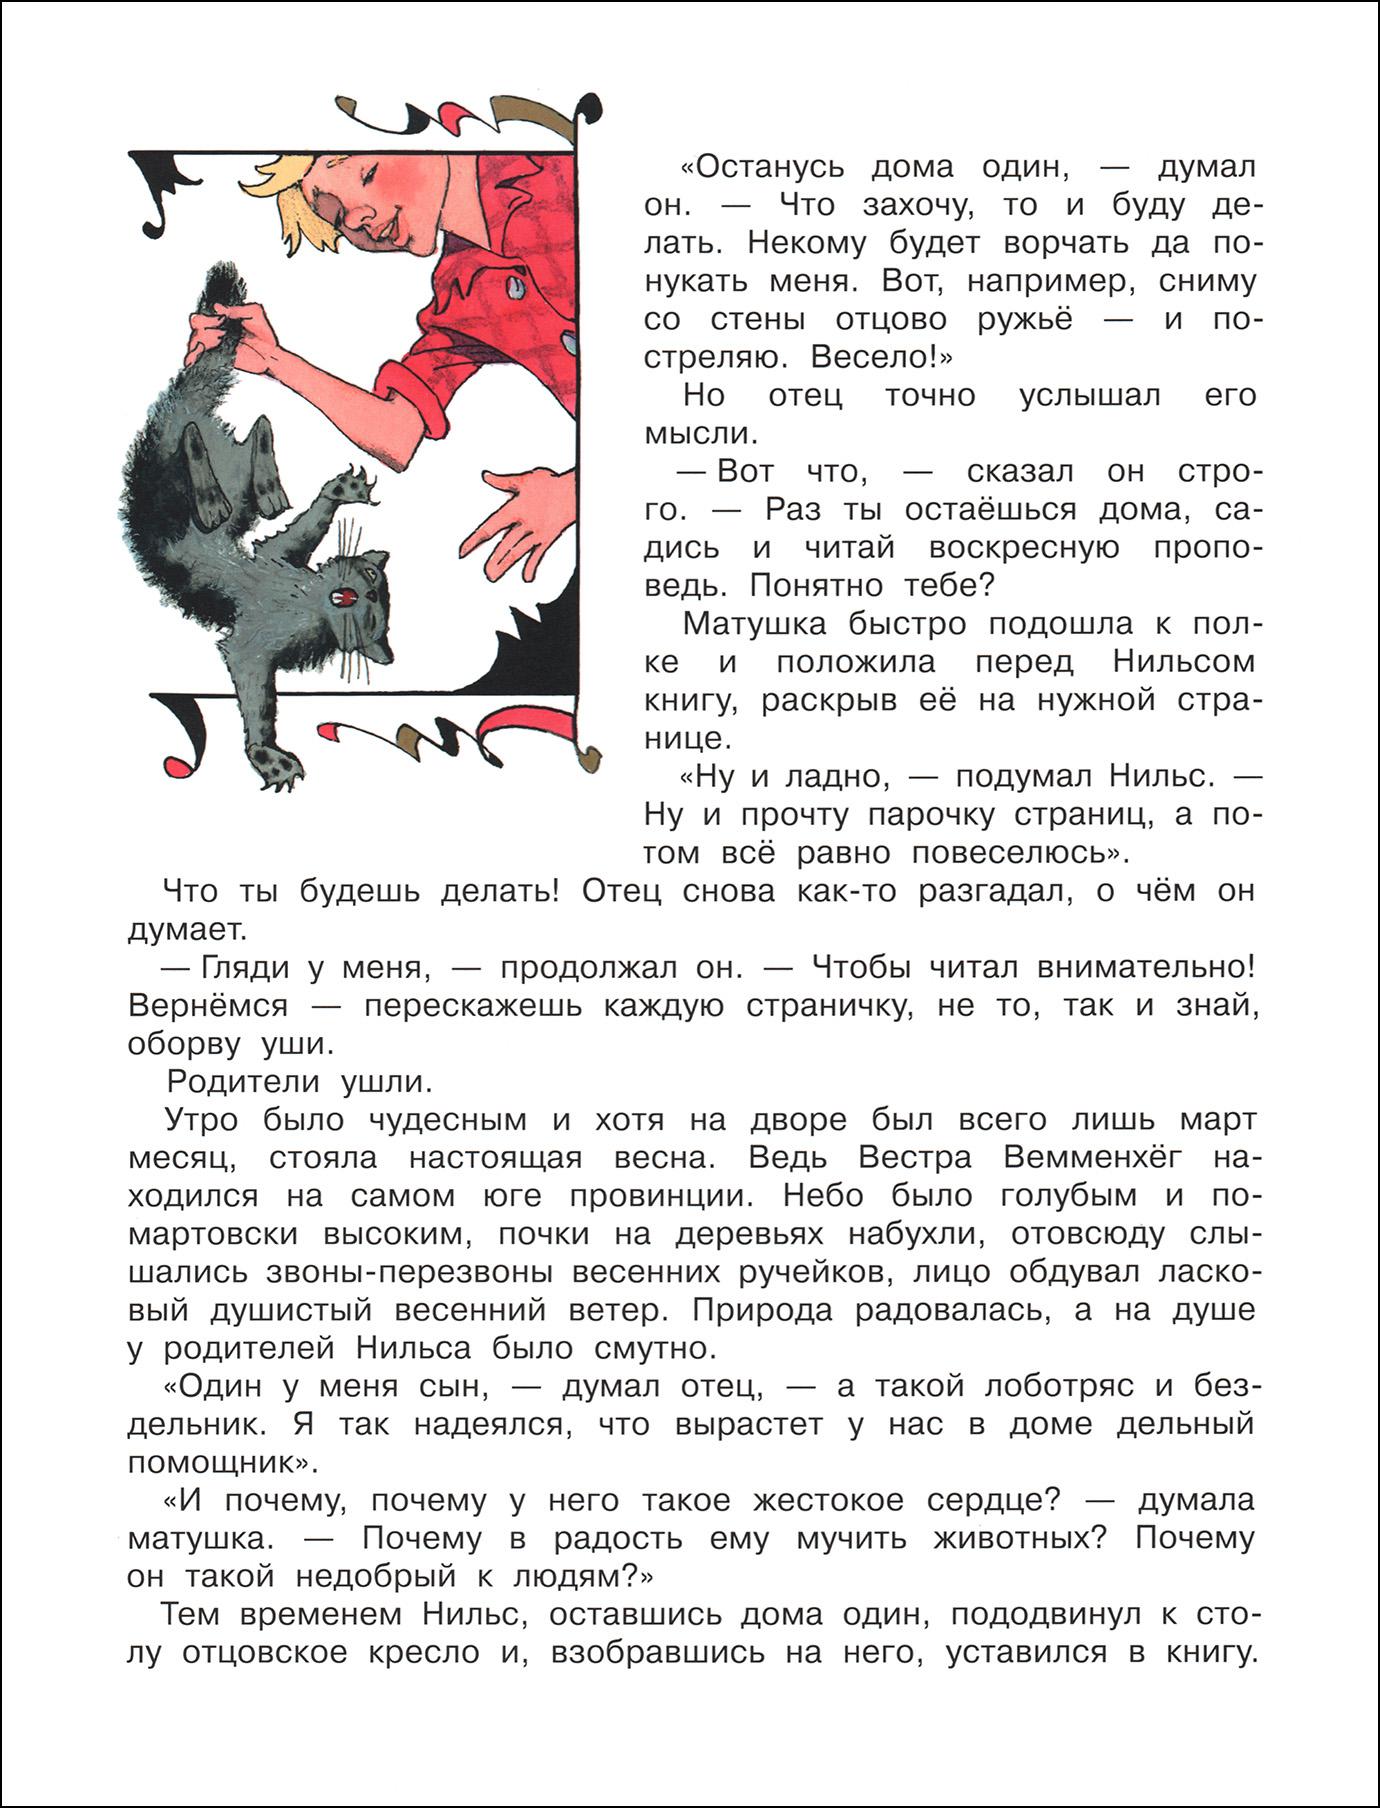 Эрик Булатов, Олег Васильев, Чудесное путешествие Нильса